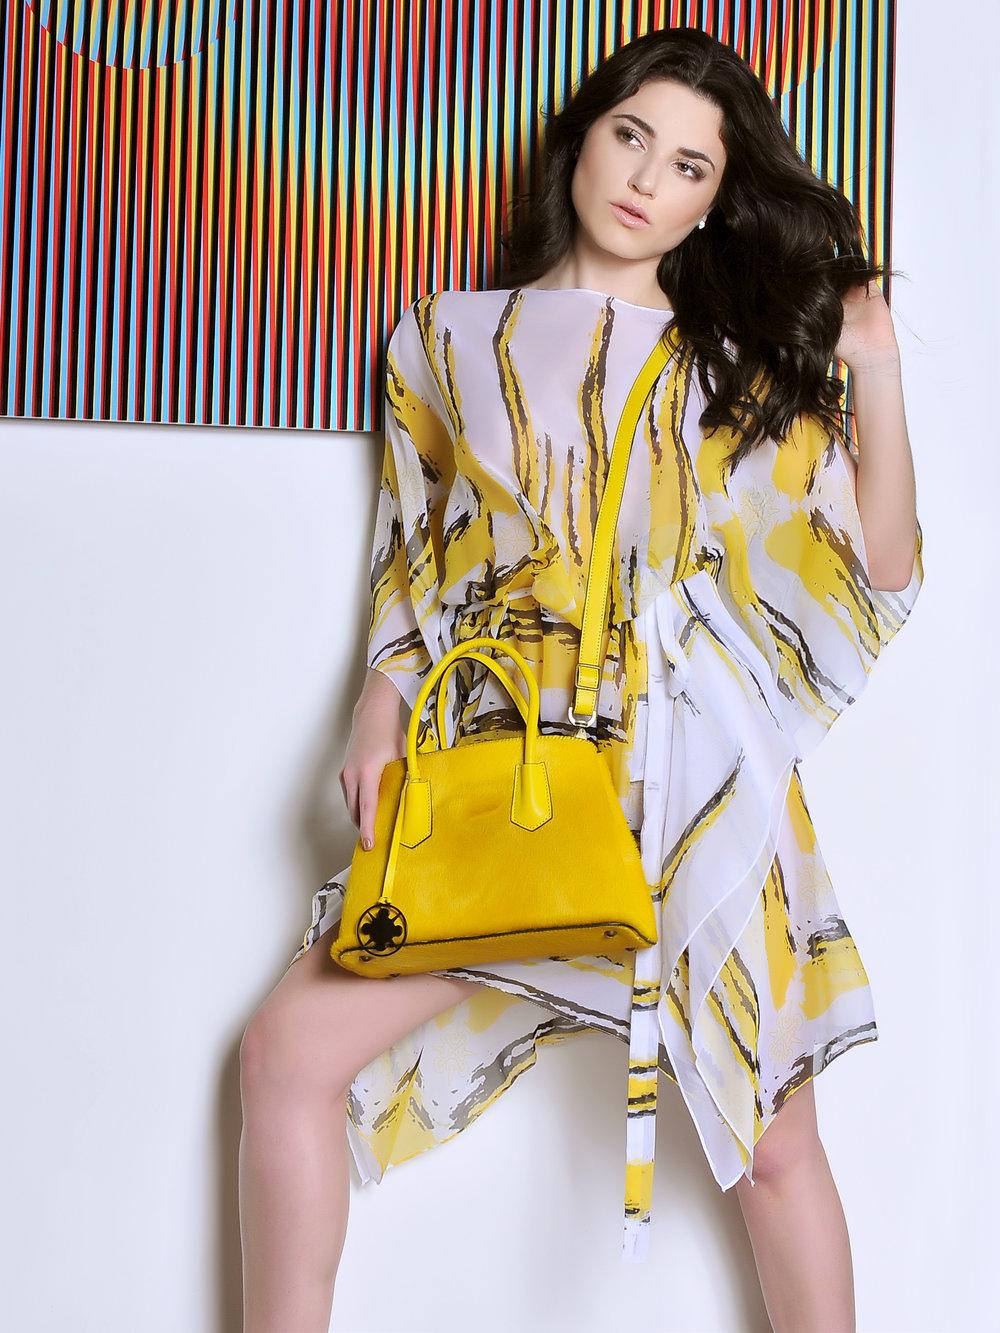 omara yellow nf 1 9x12 .jpg